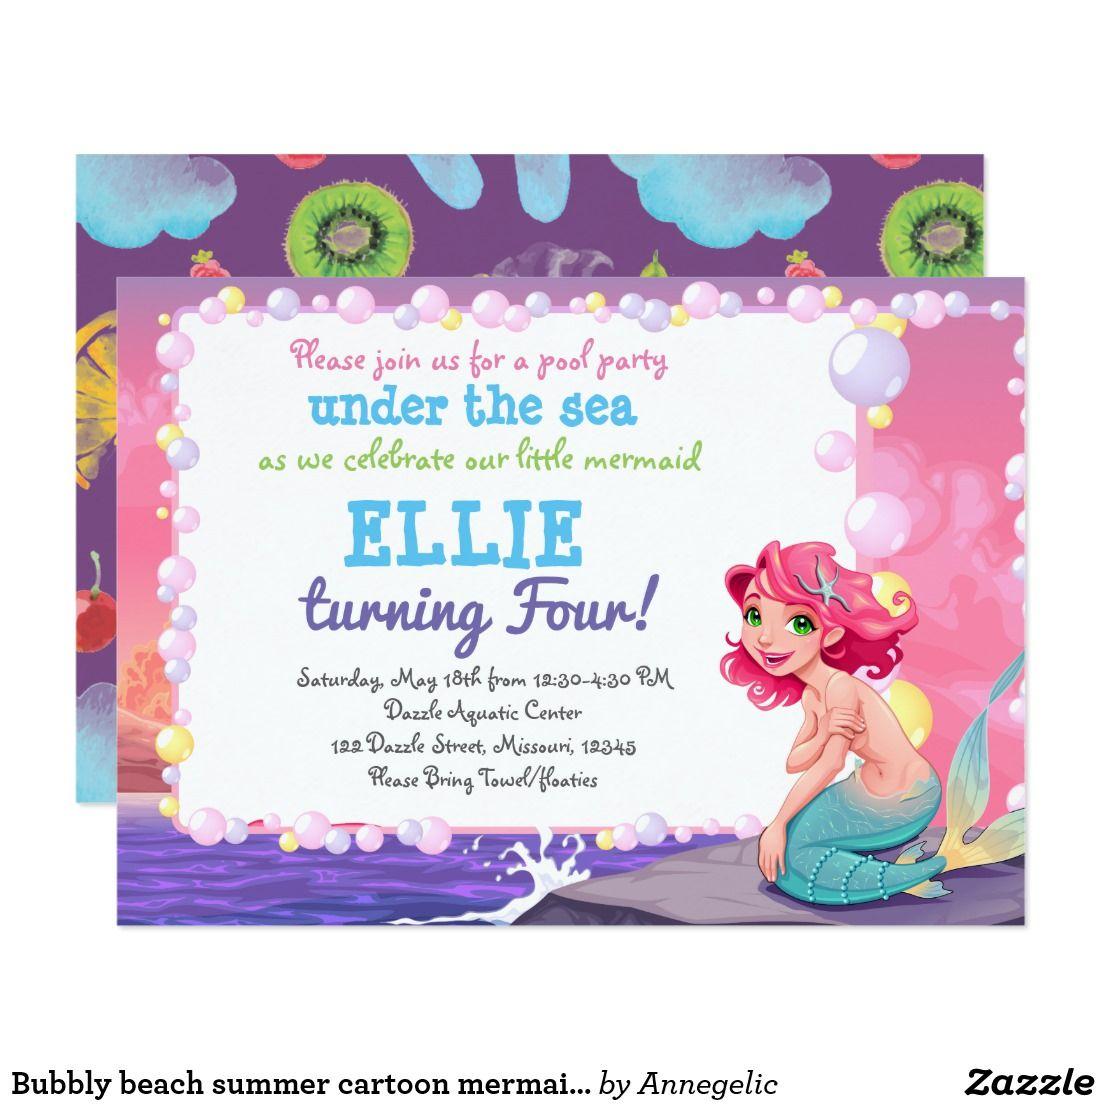 Bubbly beach summer cartoon mermaid photo frame invitation | { Happy ...